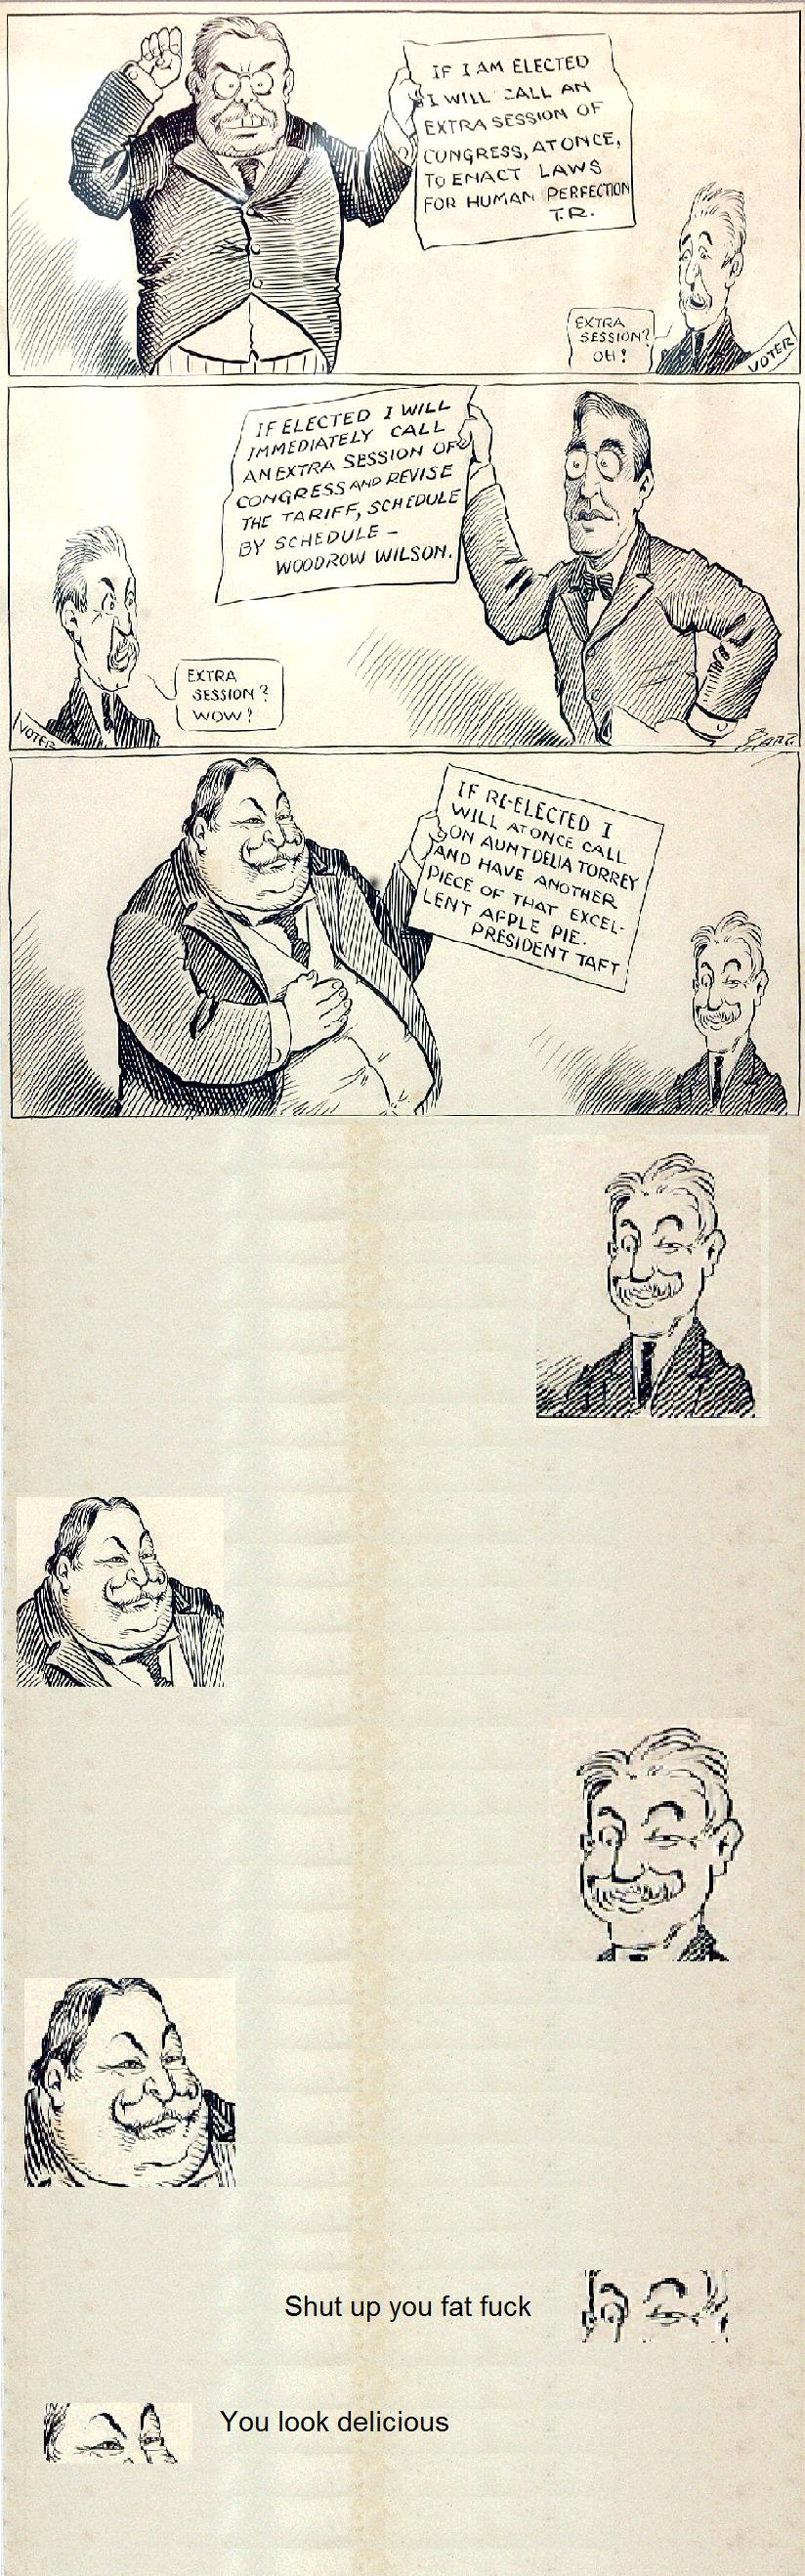 Motherfucking Taft. . Motherfucking Taft